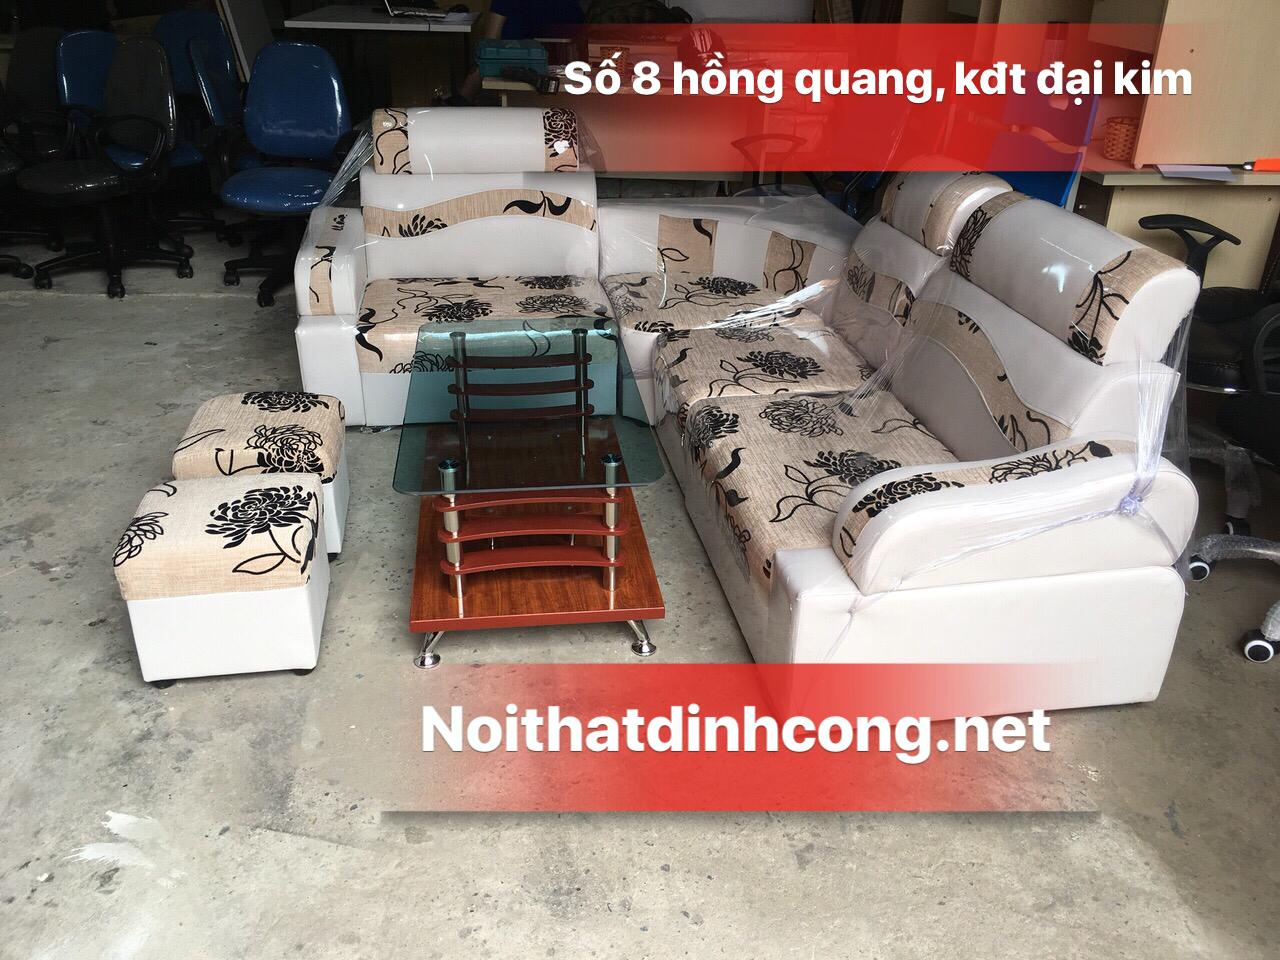 08F31839-D37C-450A-B562-D0819942891D